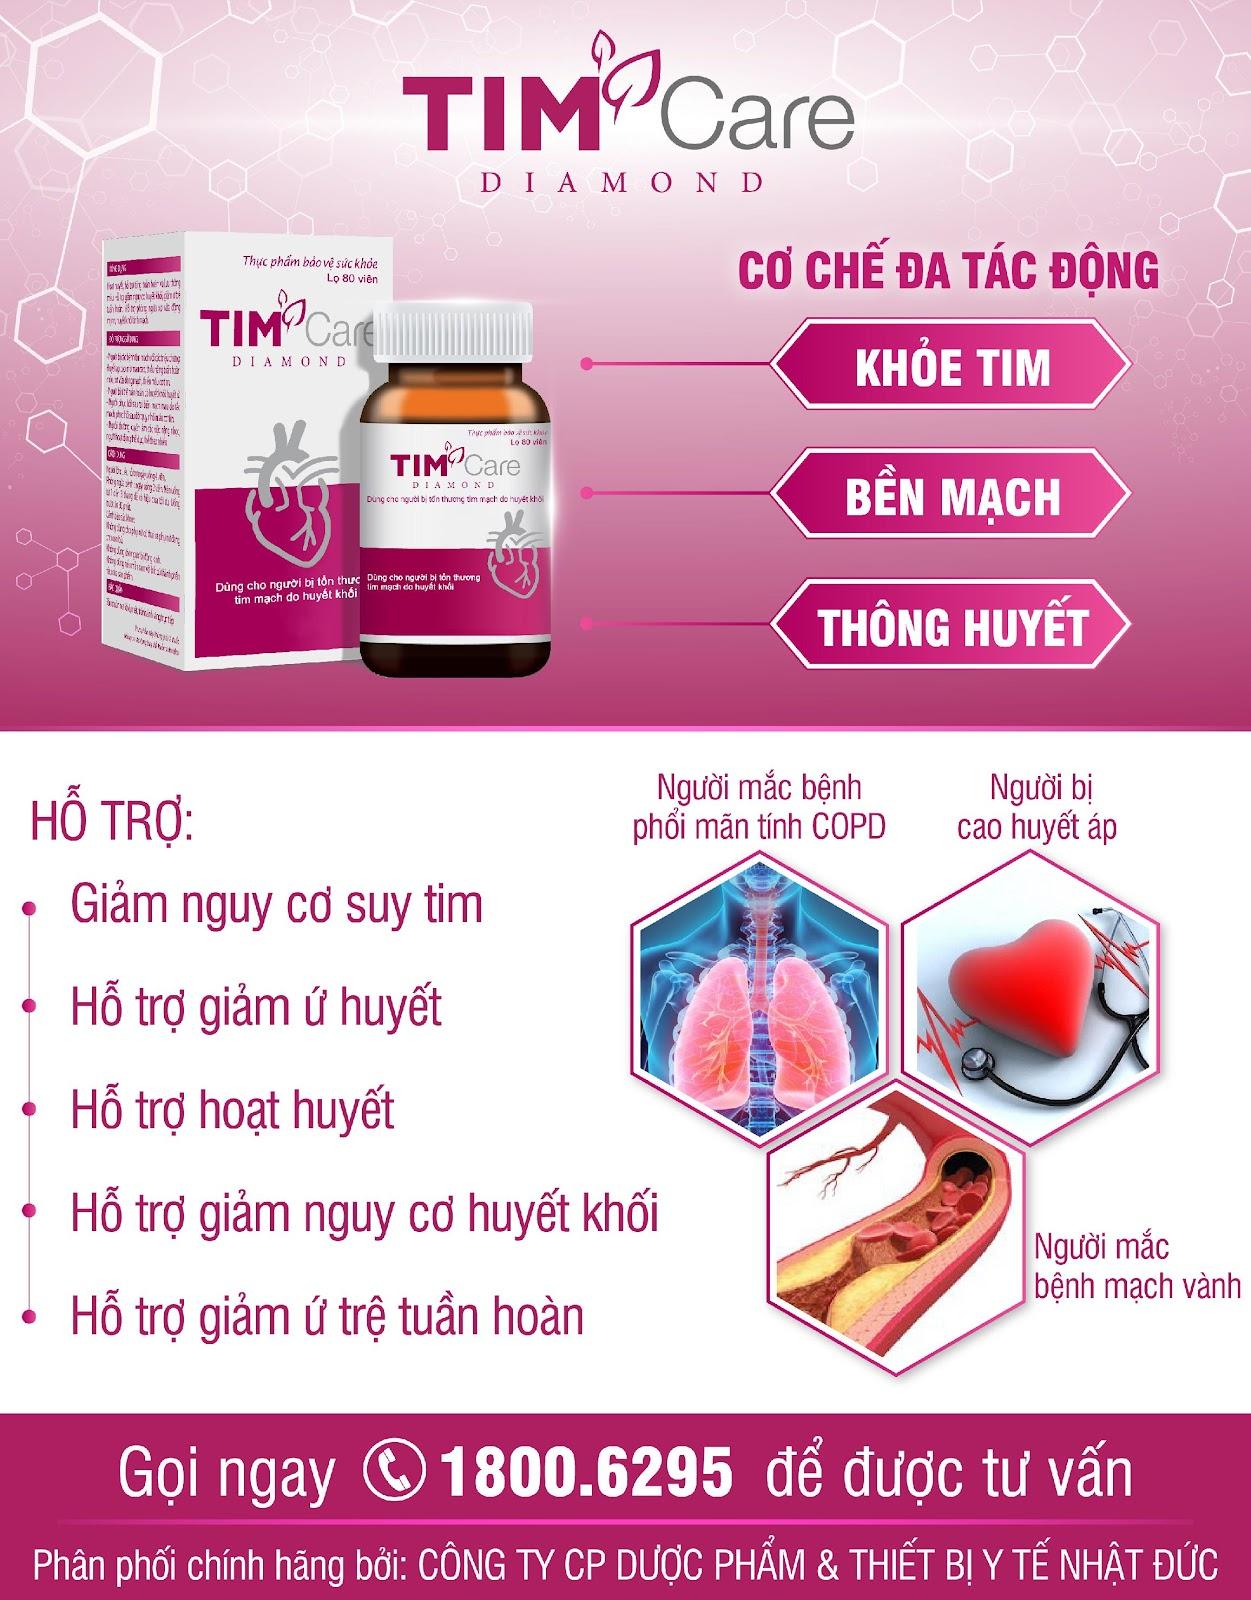 TIM Care Diamond sử dụng đúng cách để đạt hiệu quả cao - Ảnh 3